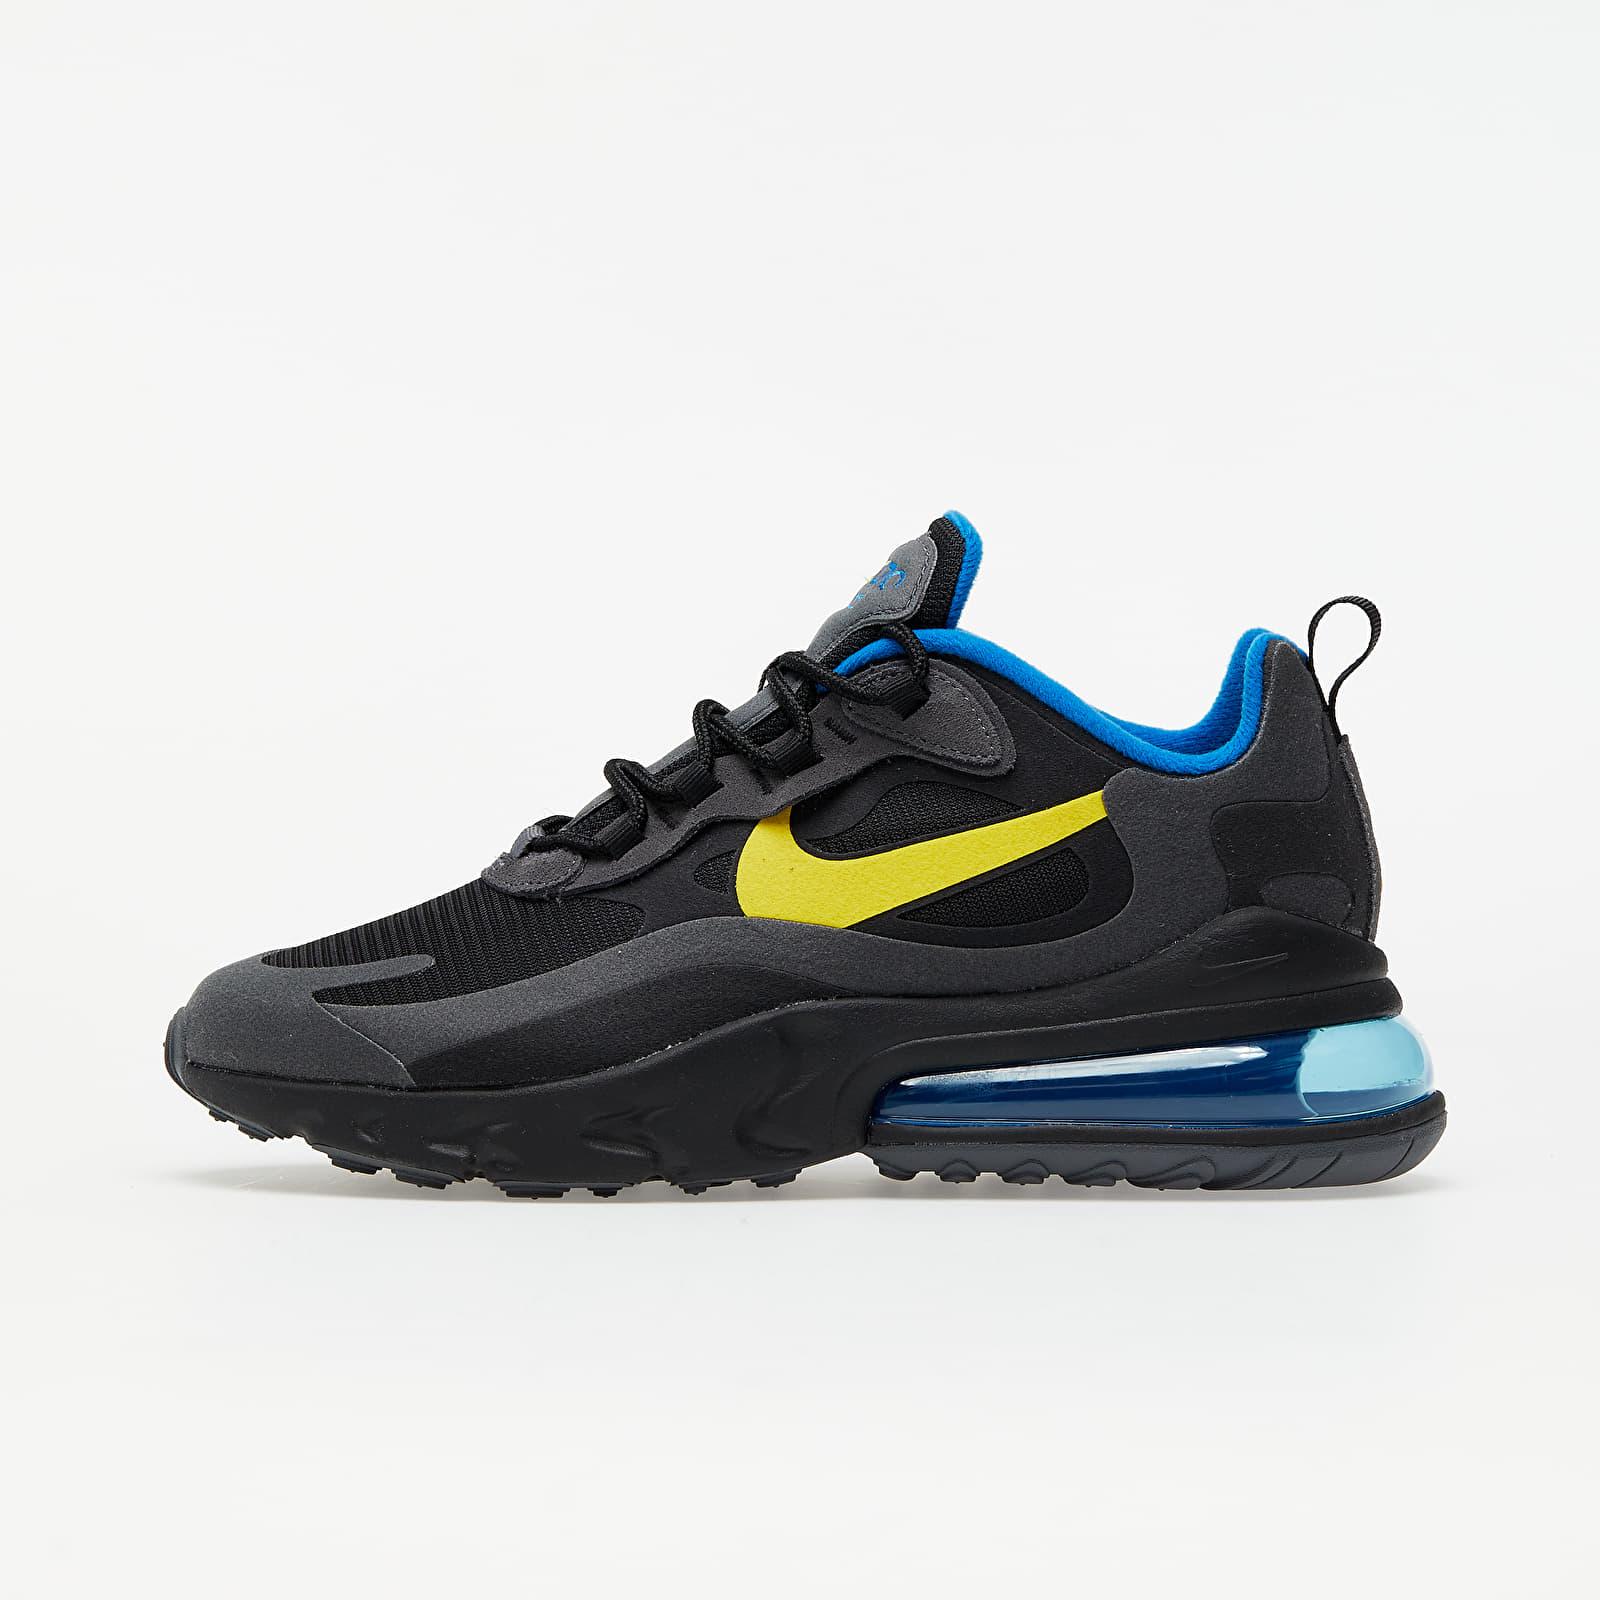 Nike Air Max 270 React Black/ Tour Yellow-Dark Grey-Blue Spark DA1511-001